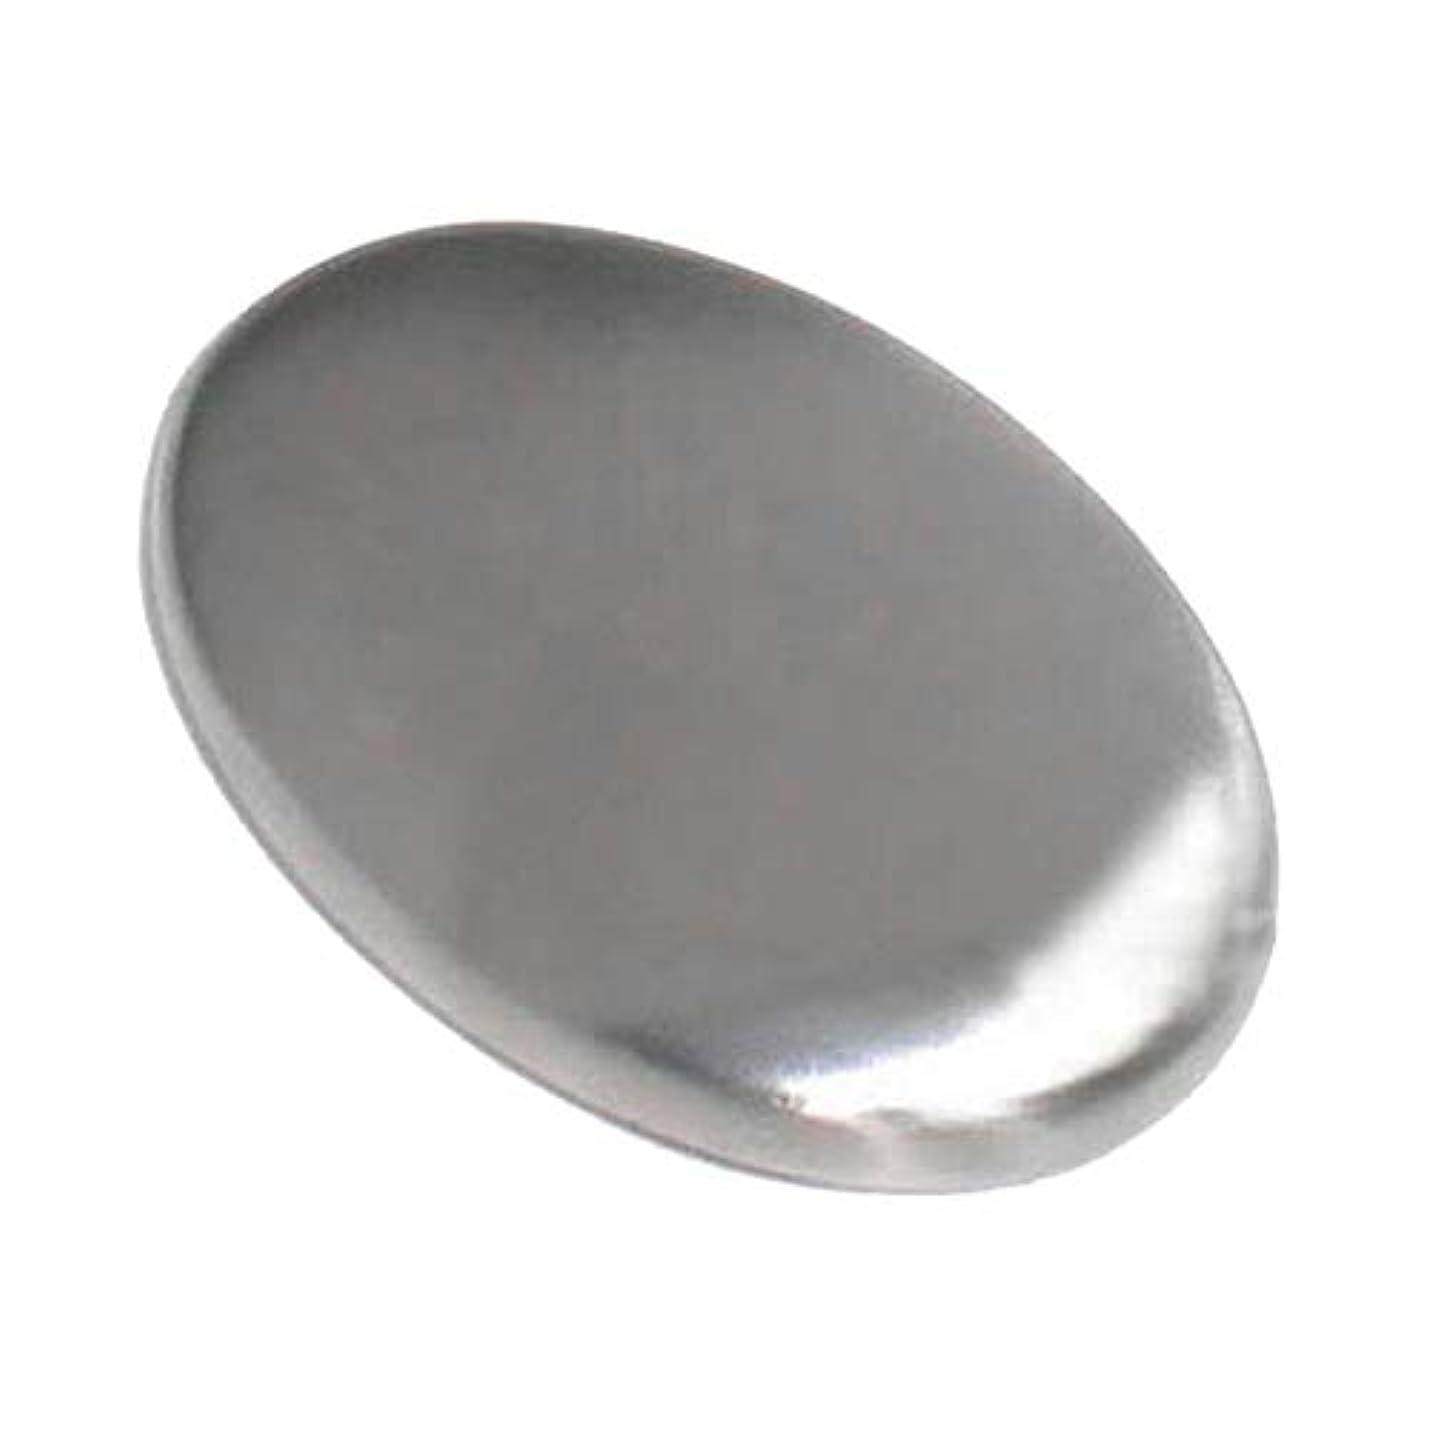 マオリ薬剤師繁殖Hillrong ステンレスソープ ステンレス石鹸 においとりソープ 円形 臭い取り 異臭を取り除く 台所用具